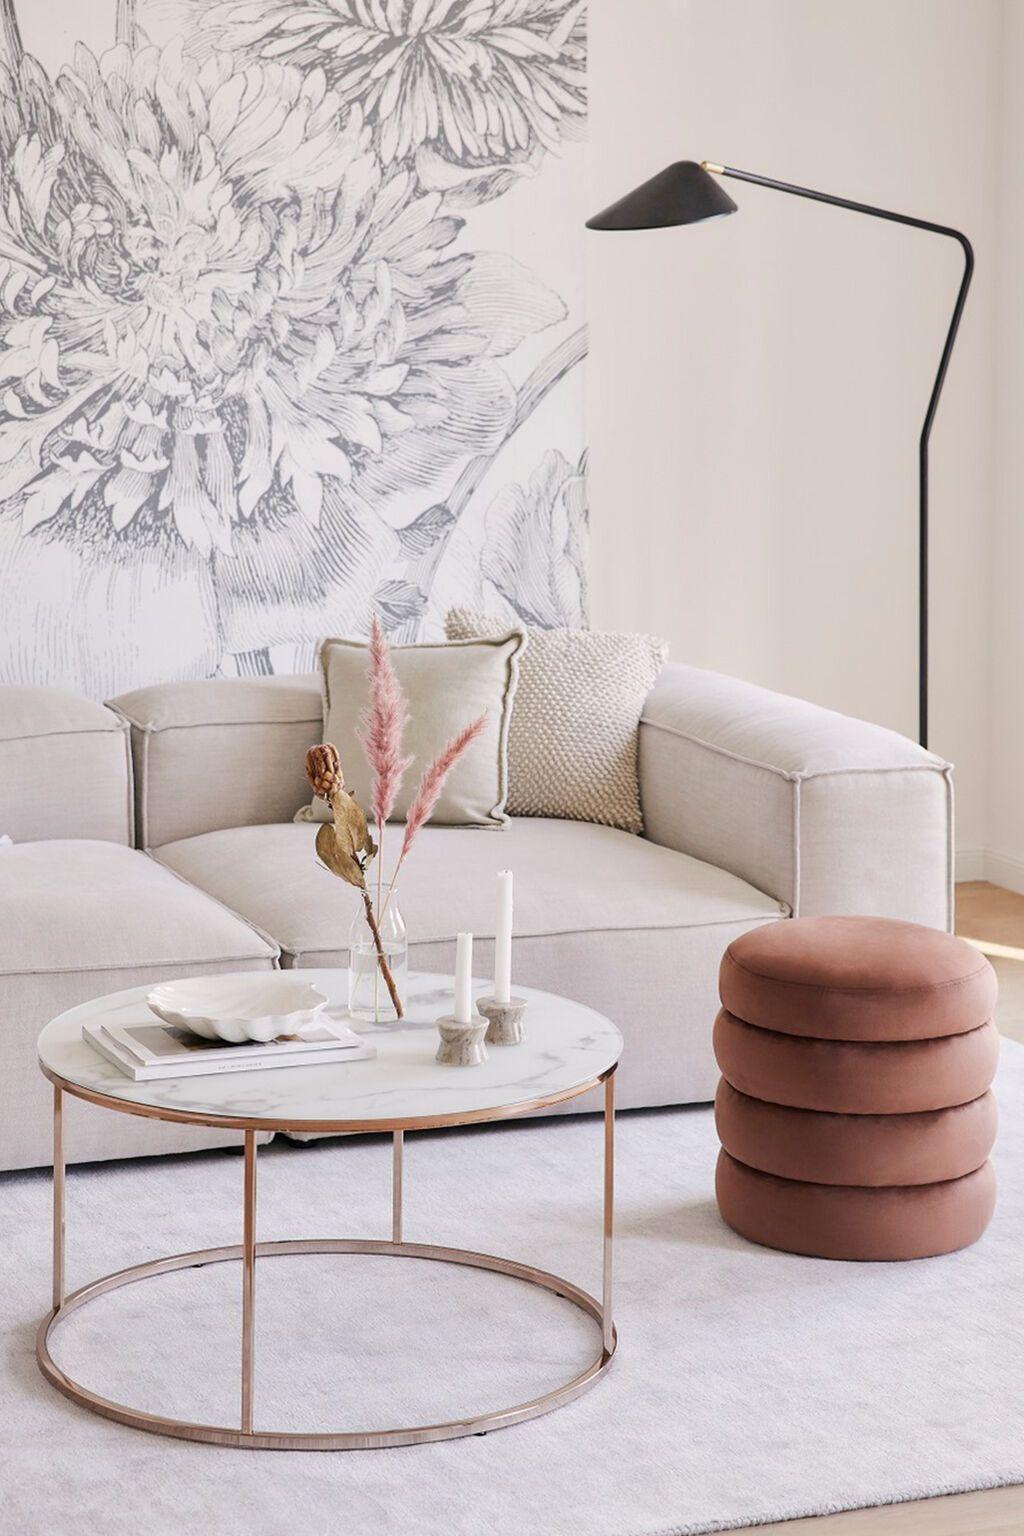 Edles Design für wenig Geld: 5 Interior-Pieces von Ikea & Co